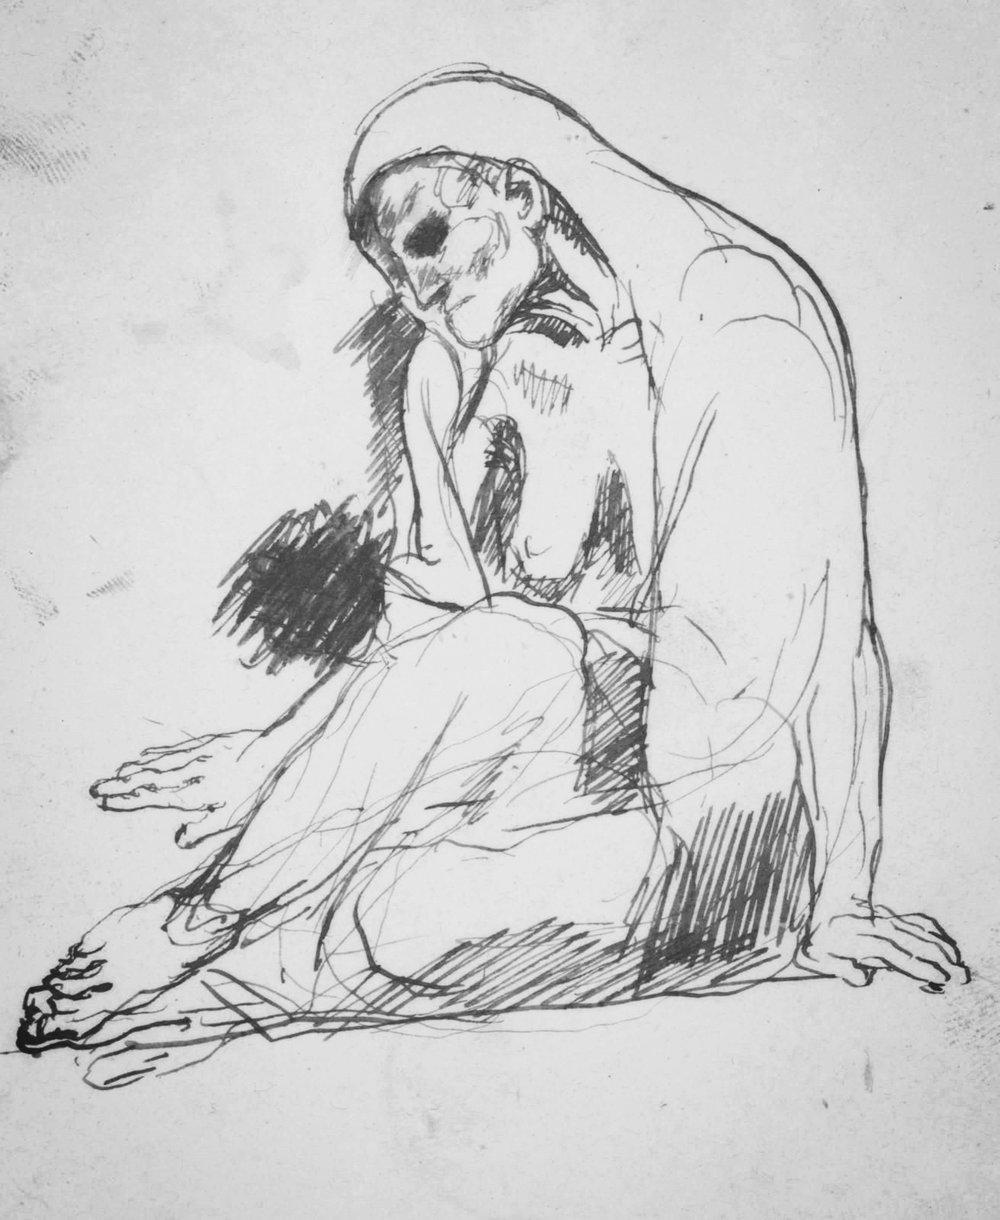 La mendiante, de Picasso. Elle est assise, avachie, parangon de la pauvreté.